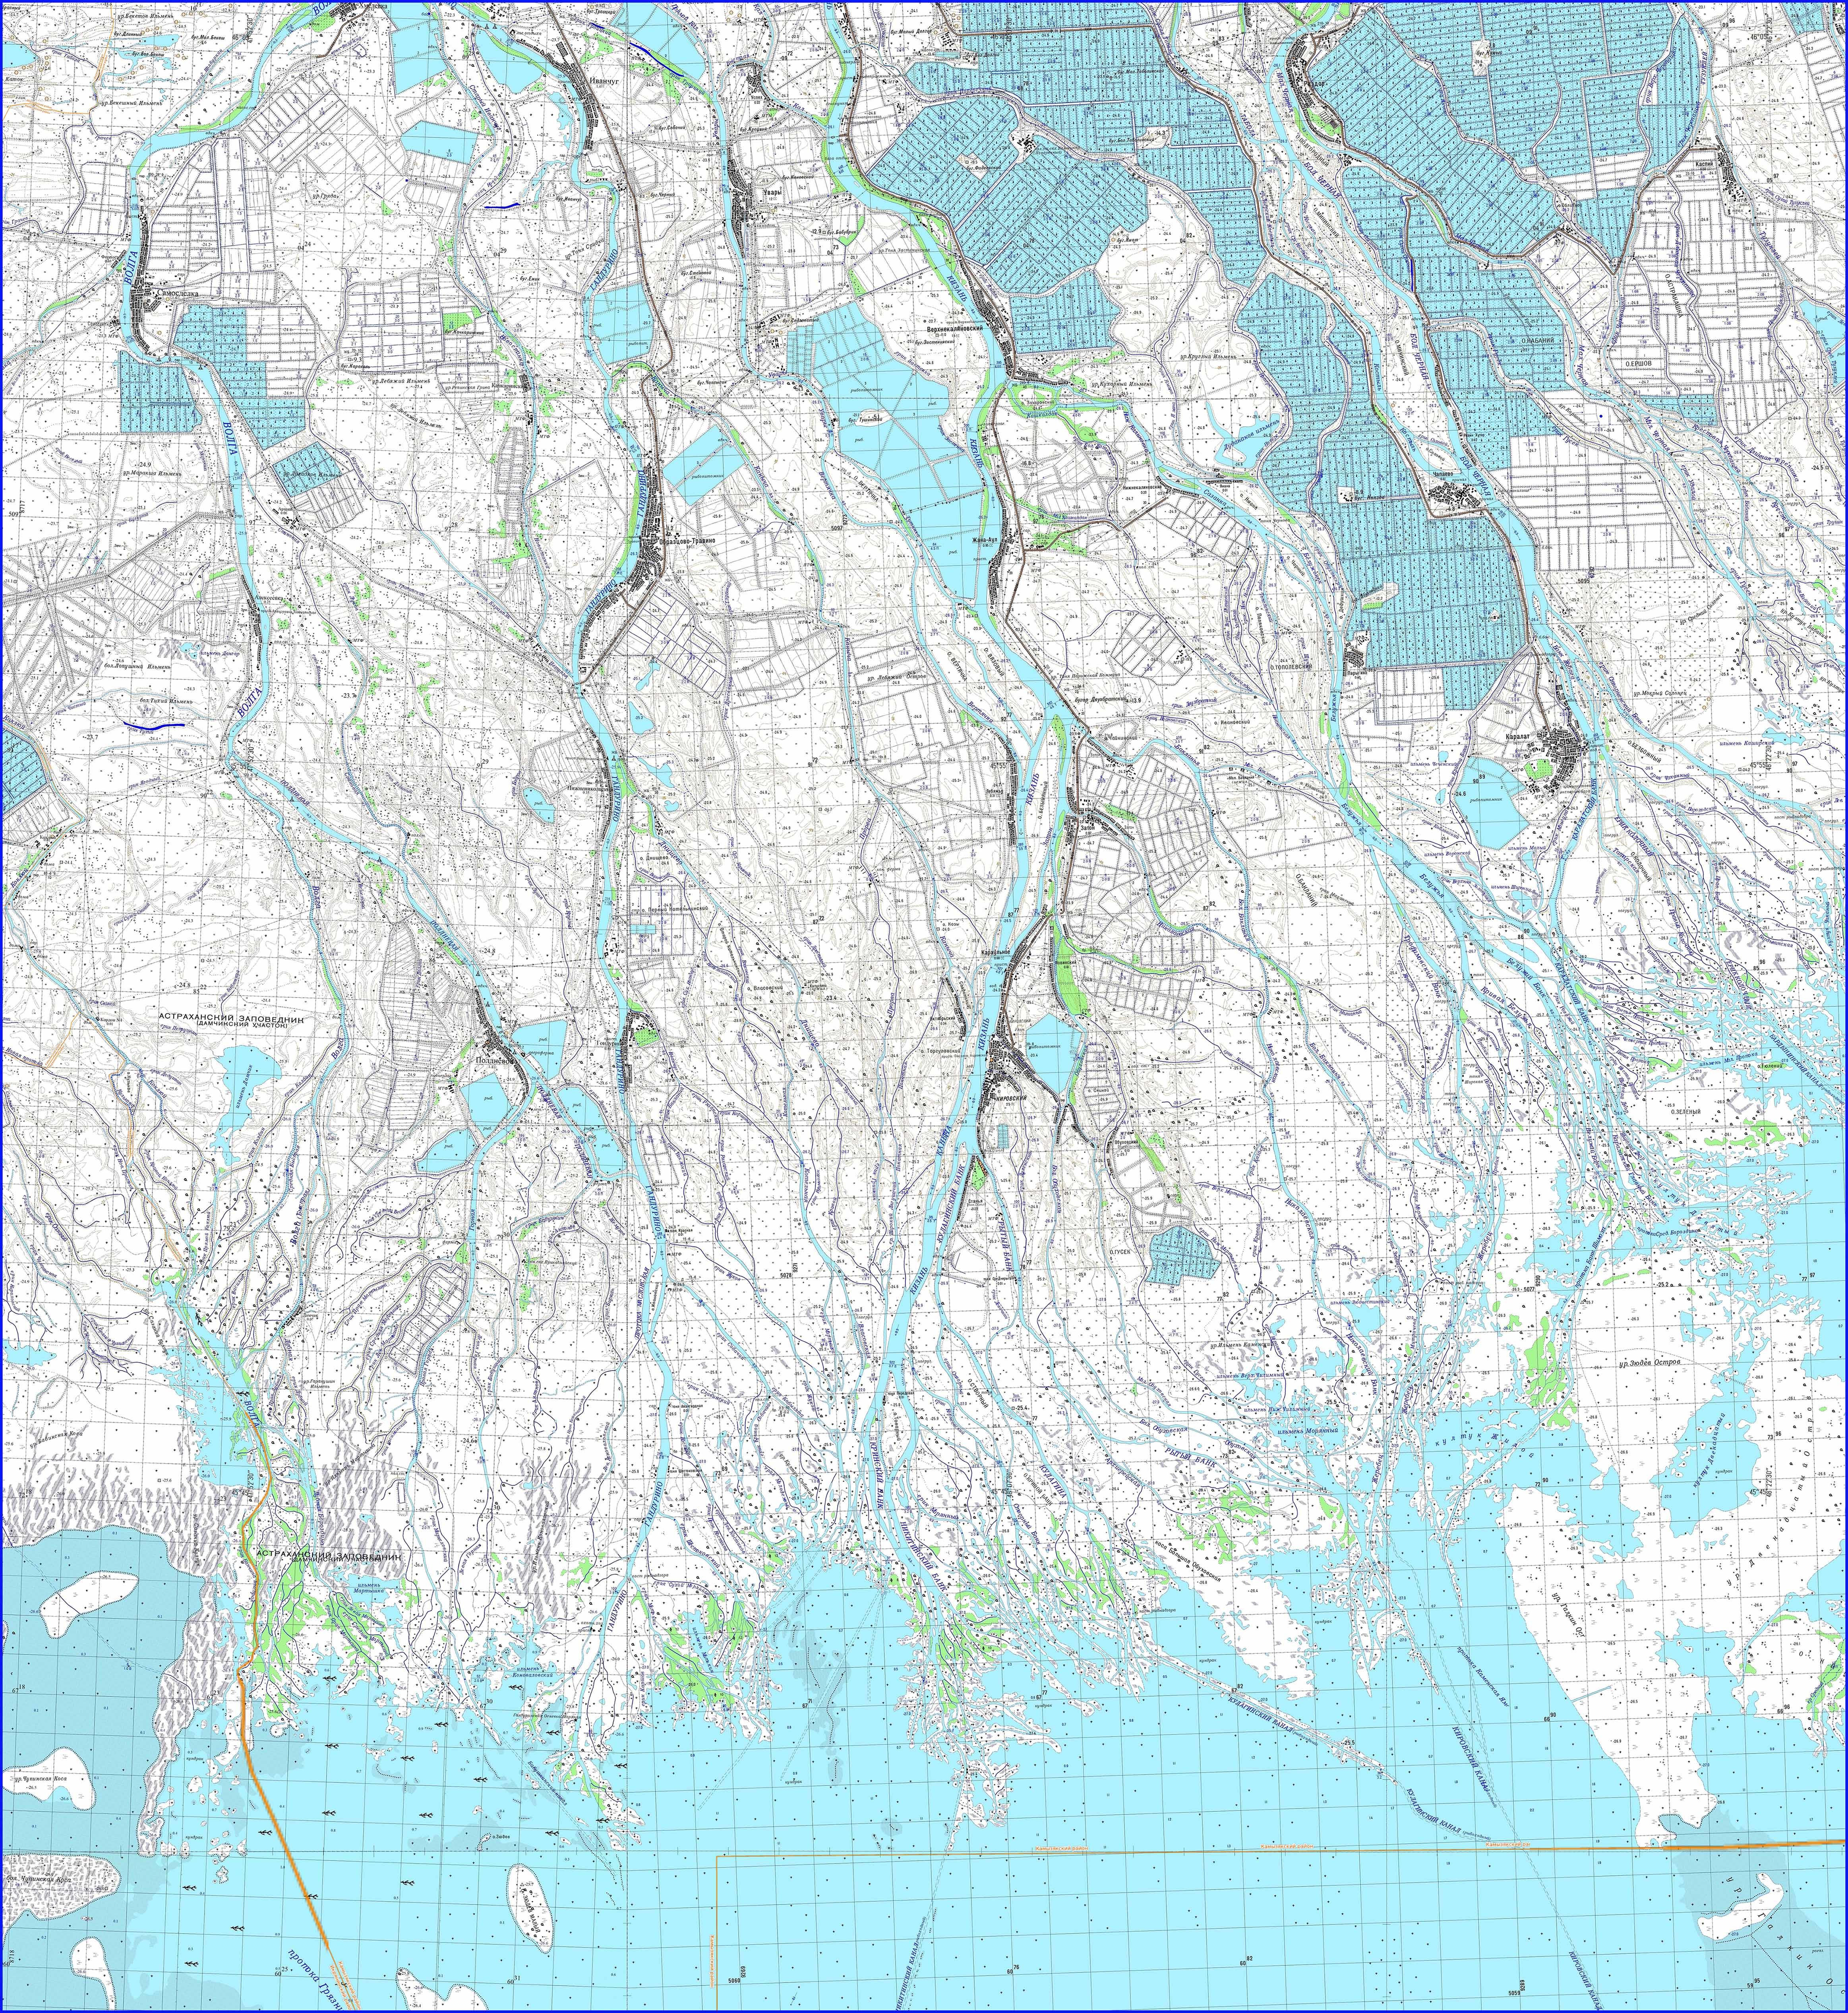 Карта волжских раскатов для рыболовной базы